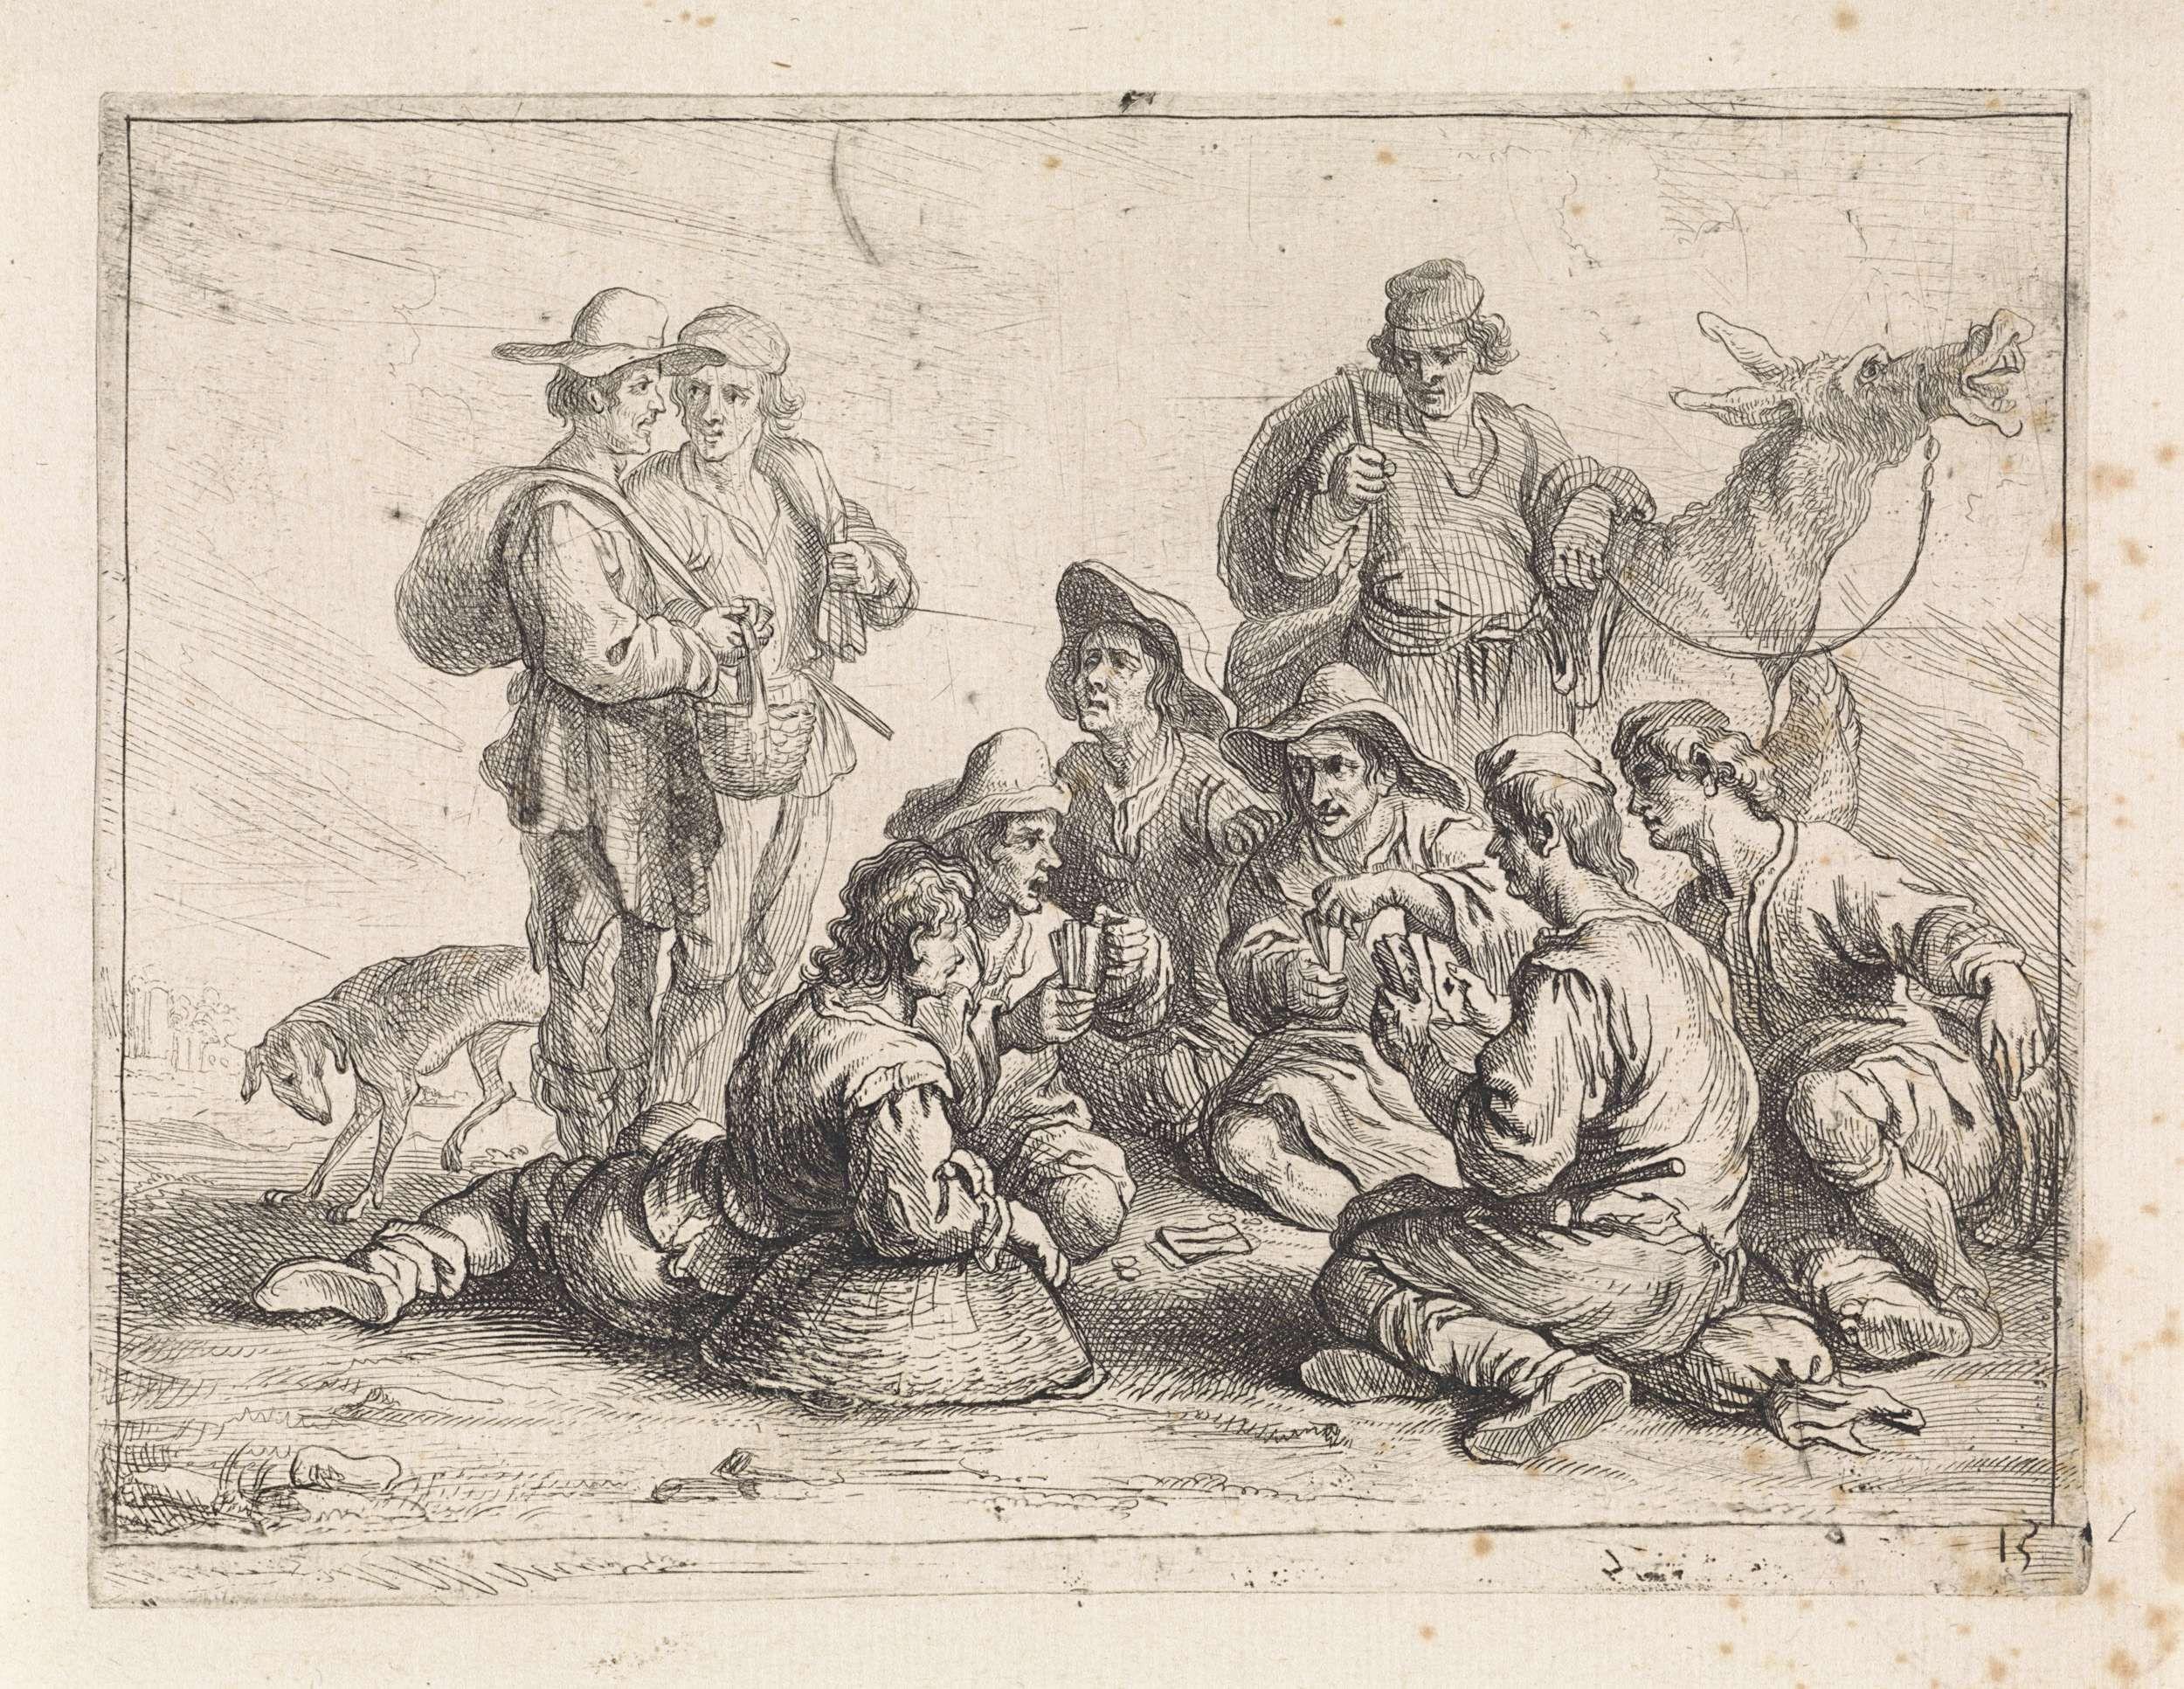 Cornelis de Wael | Kaartspelers, Cornelis de Wael, 1630 - 1648 | Een groep mannen speelt een kaartspel. Anderen kijken toe. Op de achtergrond een man met een ezel.